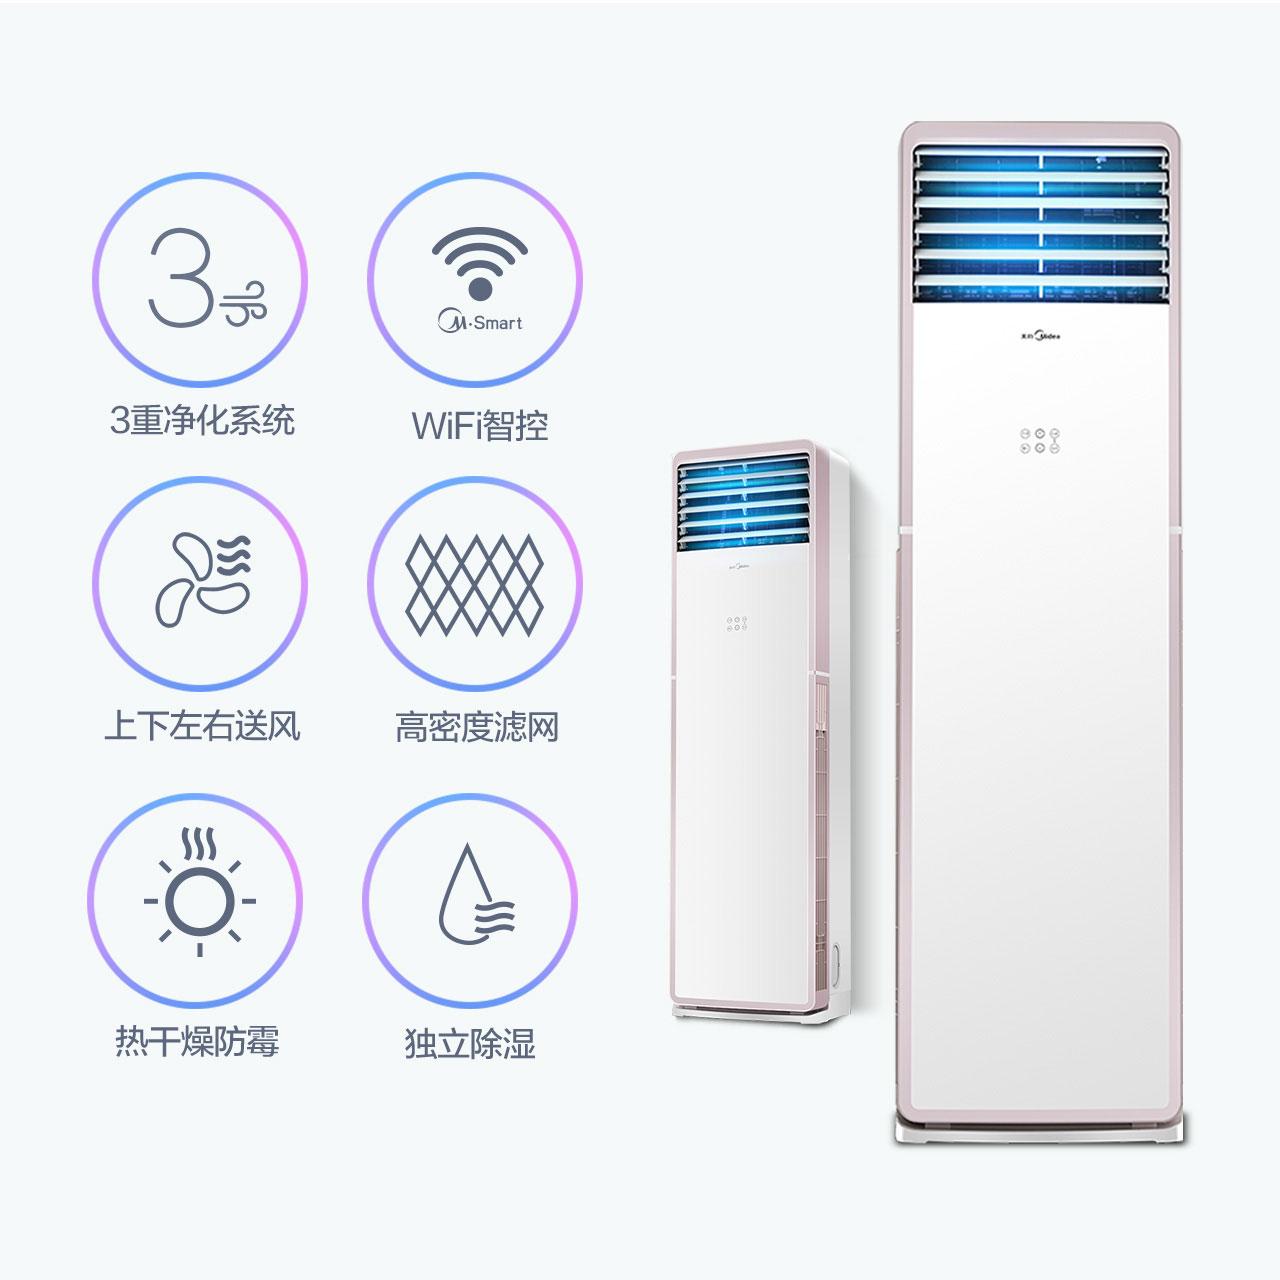 立式 匹智能静音冷暖客厅柜机空调 3 WPCD3 72LW KFR 美 Midea